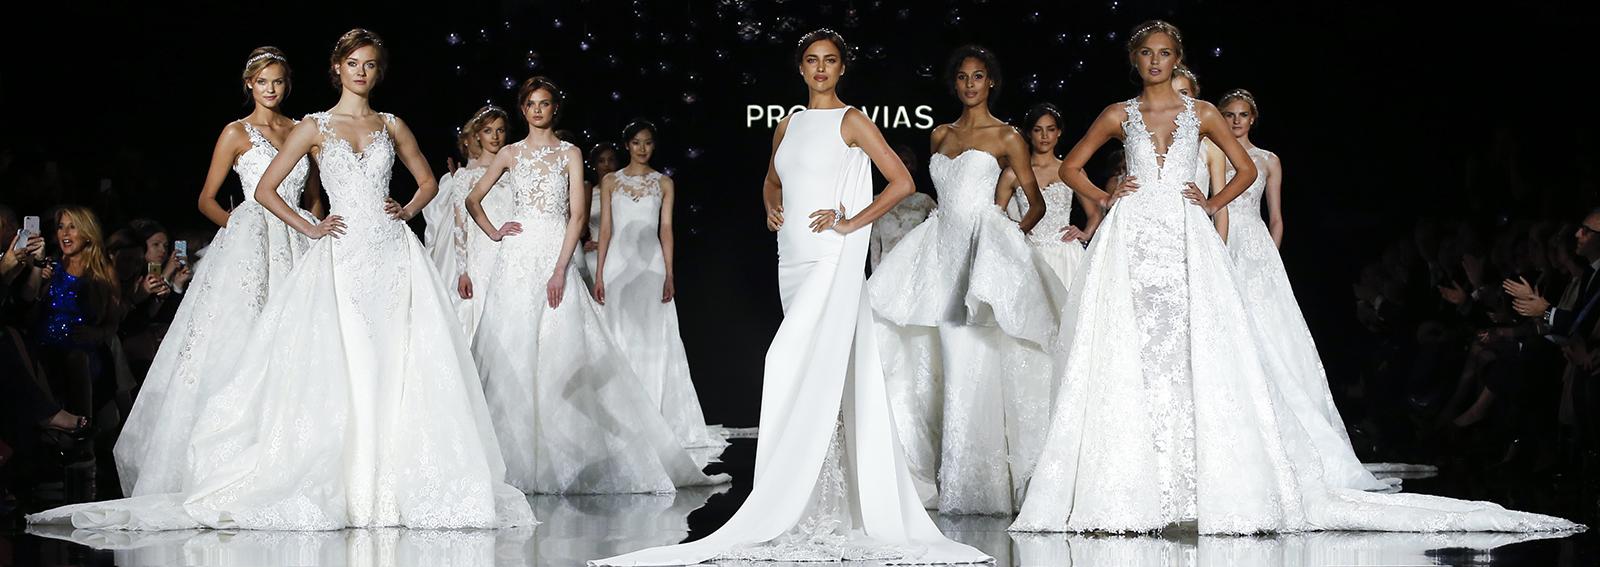 sfilata Pronovias collezione sposa